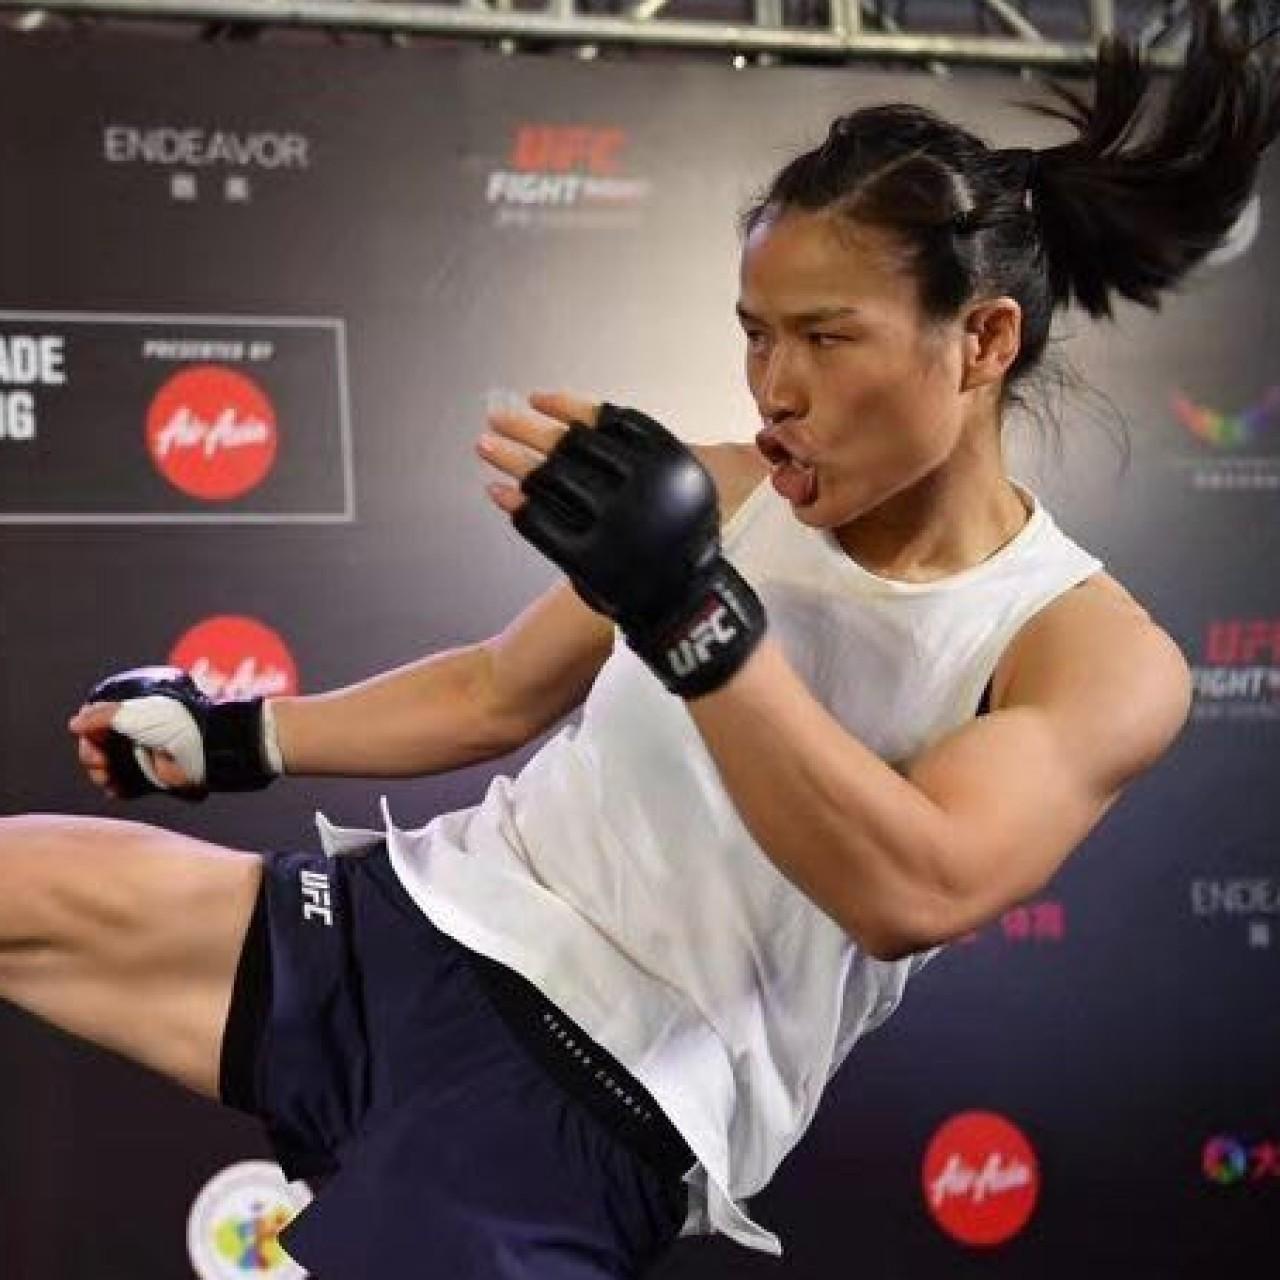 UFC Fight Night Shenzhen: Zhang Weili has world within reach